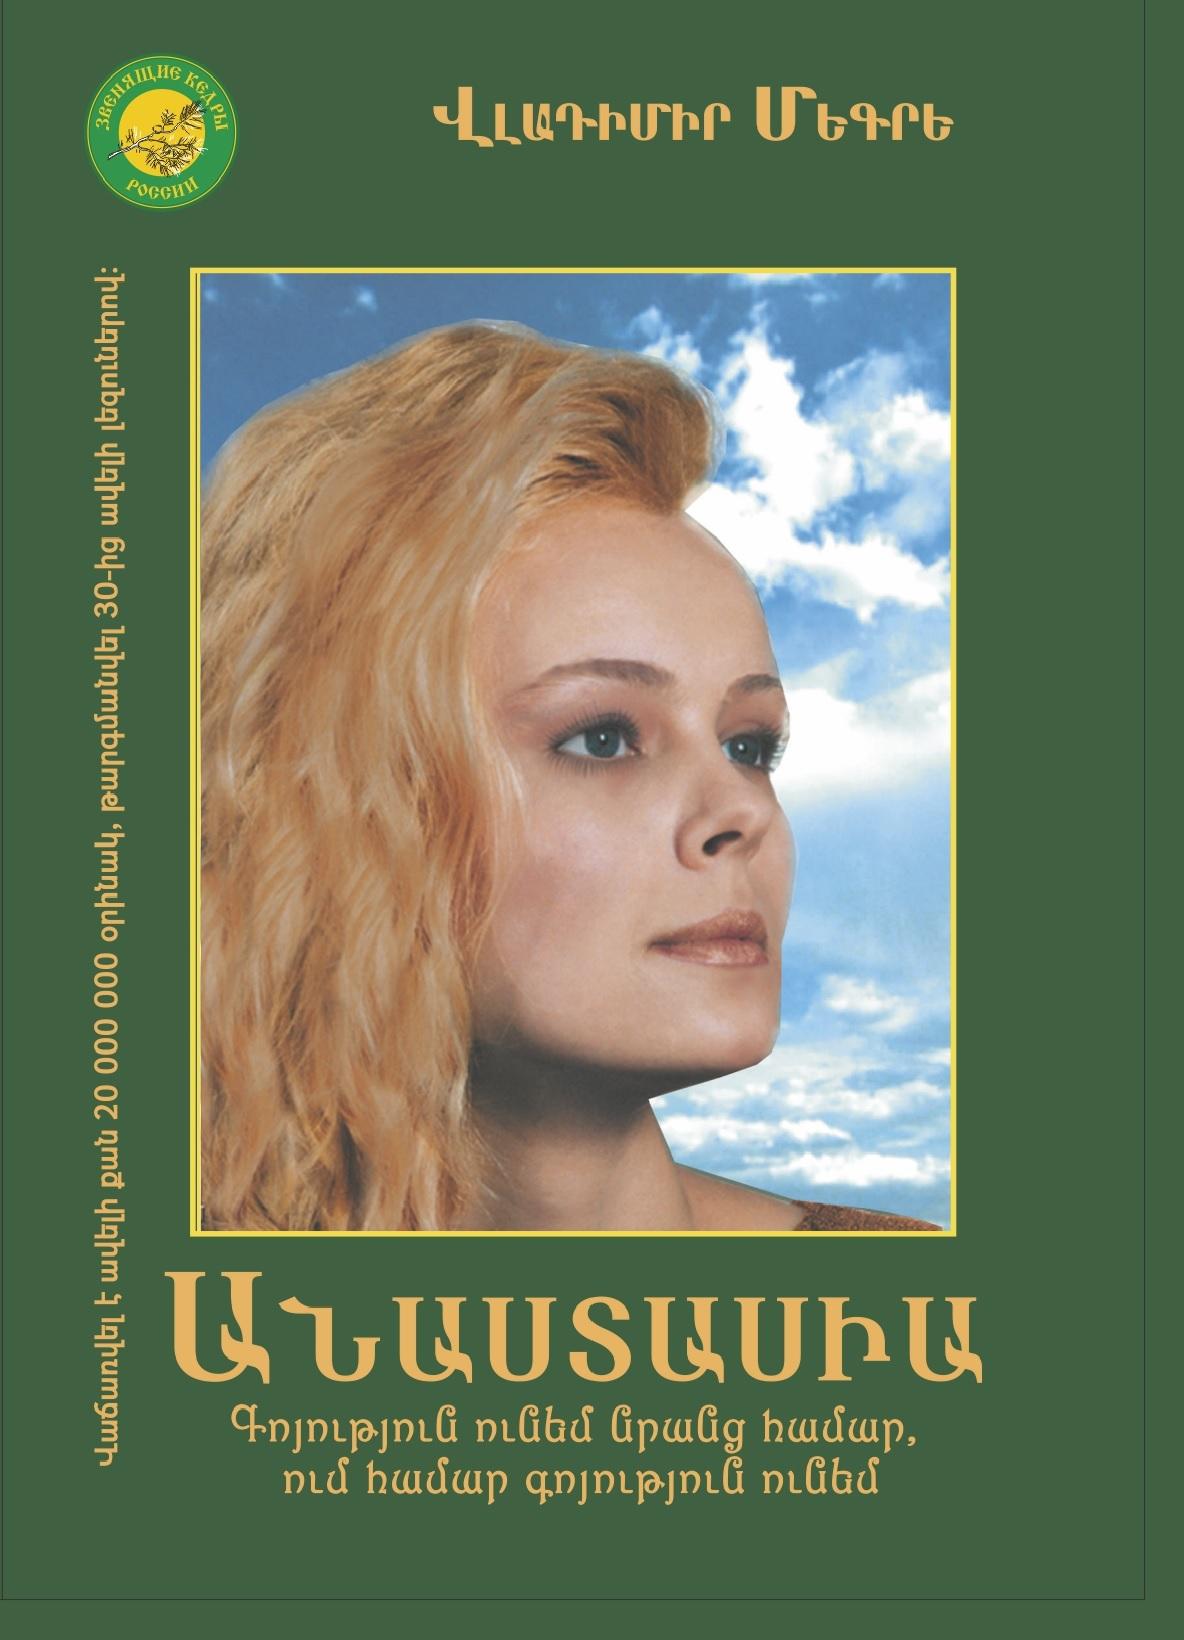 Анастасия На Армянском.jpg